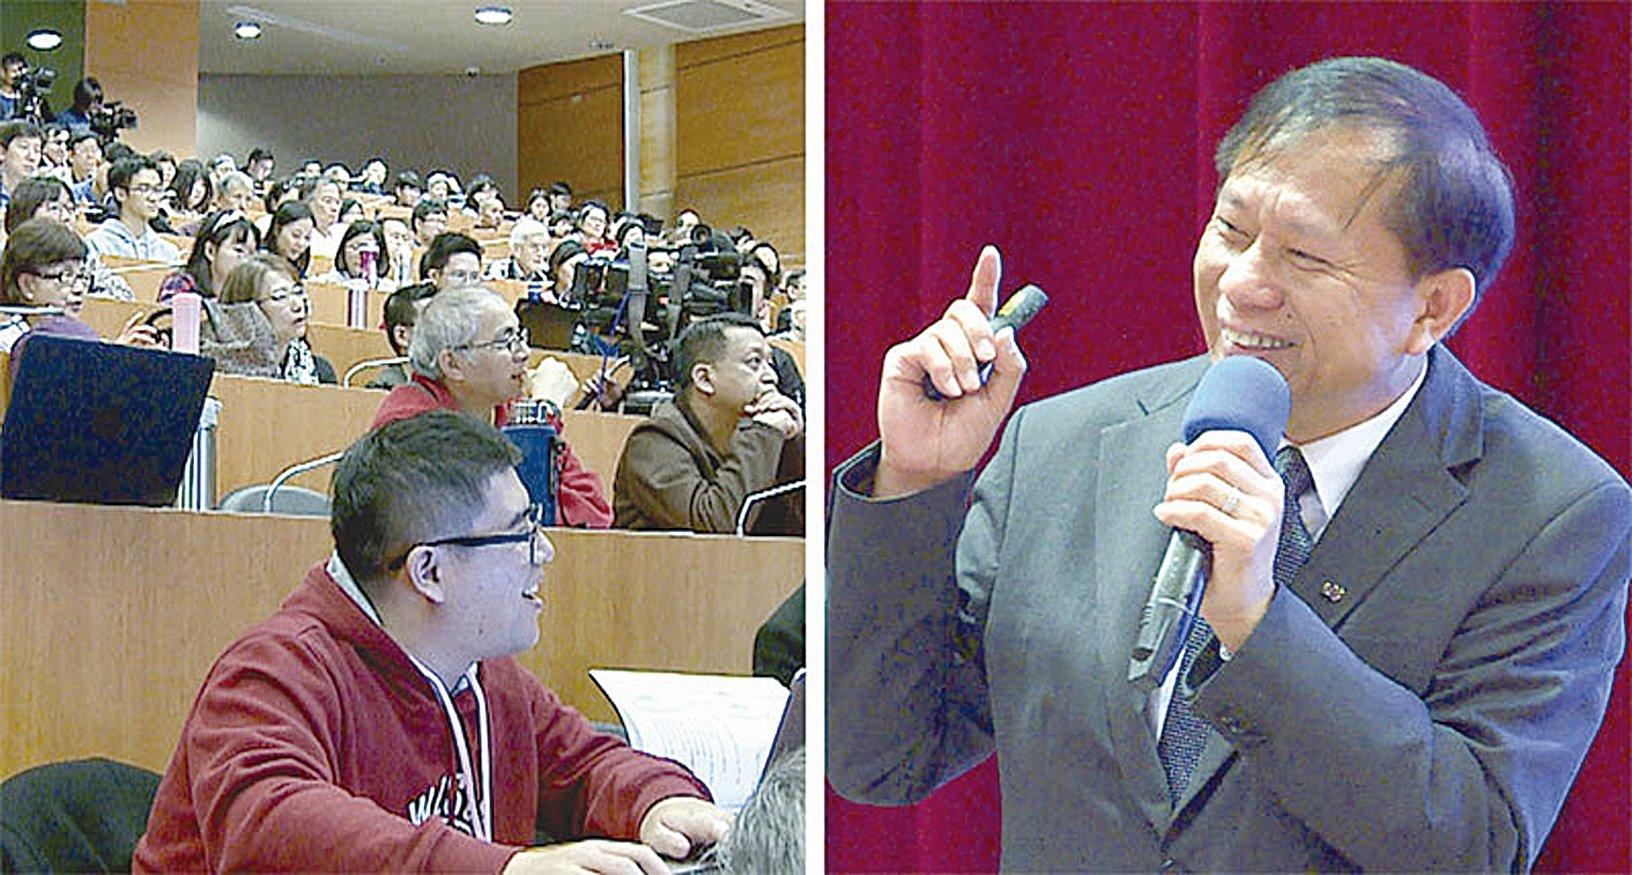 中華民國自由通訊傳播協會舉辦「美中持續熱戰 台灣如何是好?」論壇,圖為研討會現場。(自由通訊傳播協會)